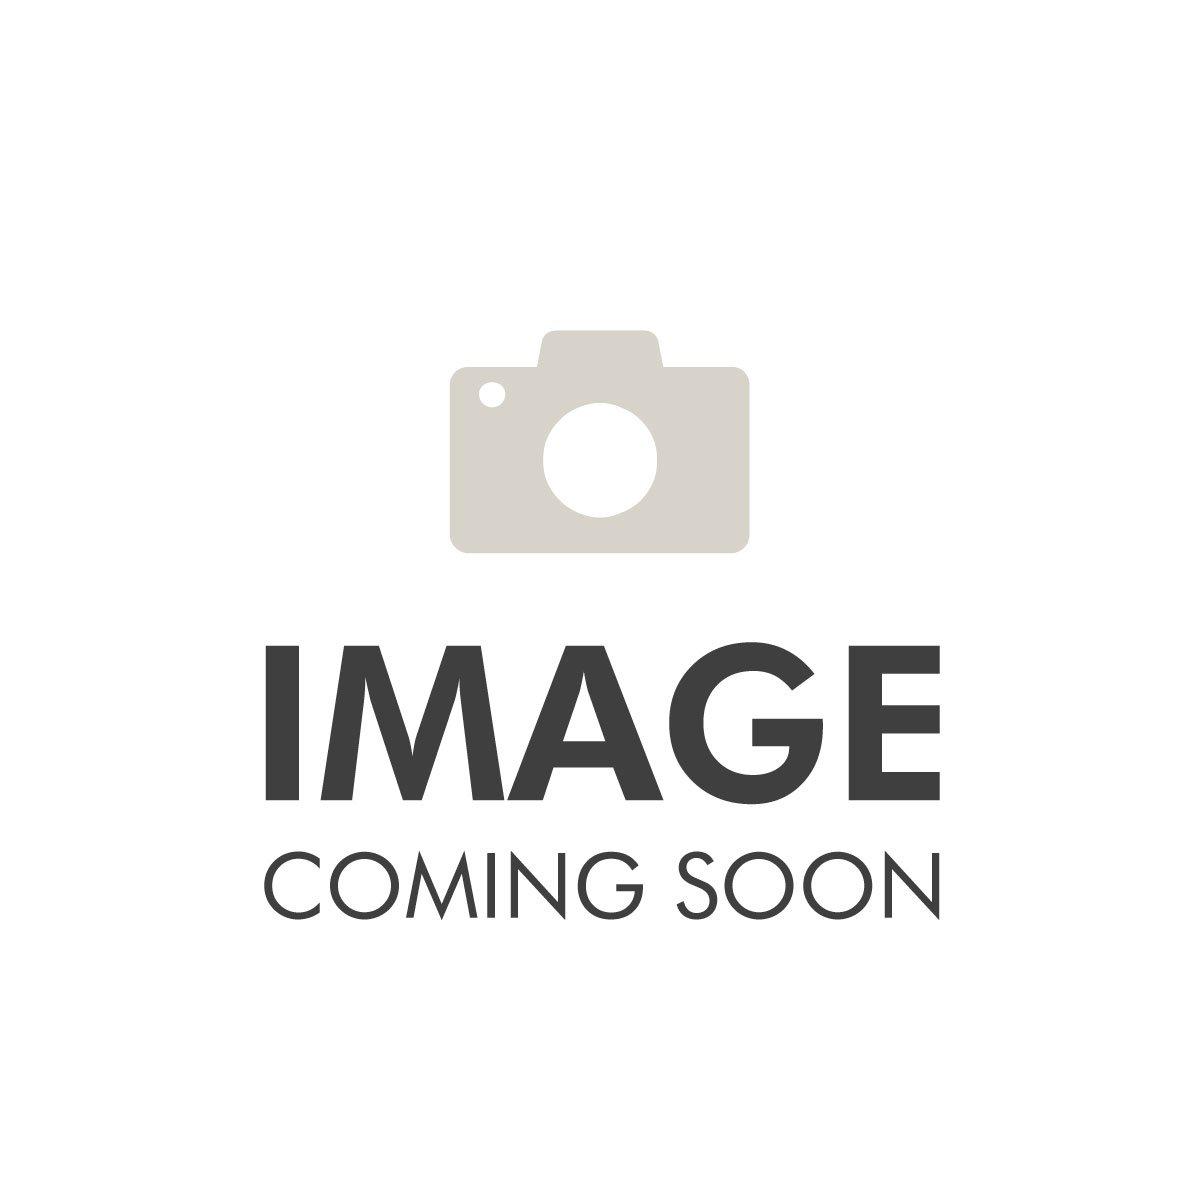 Uhlmann - Socle 4mm pour intérieur de garde